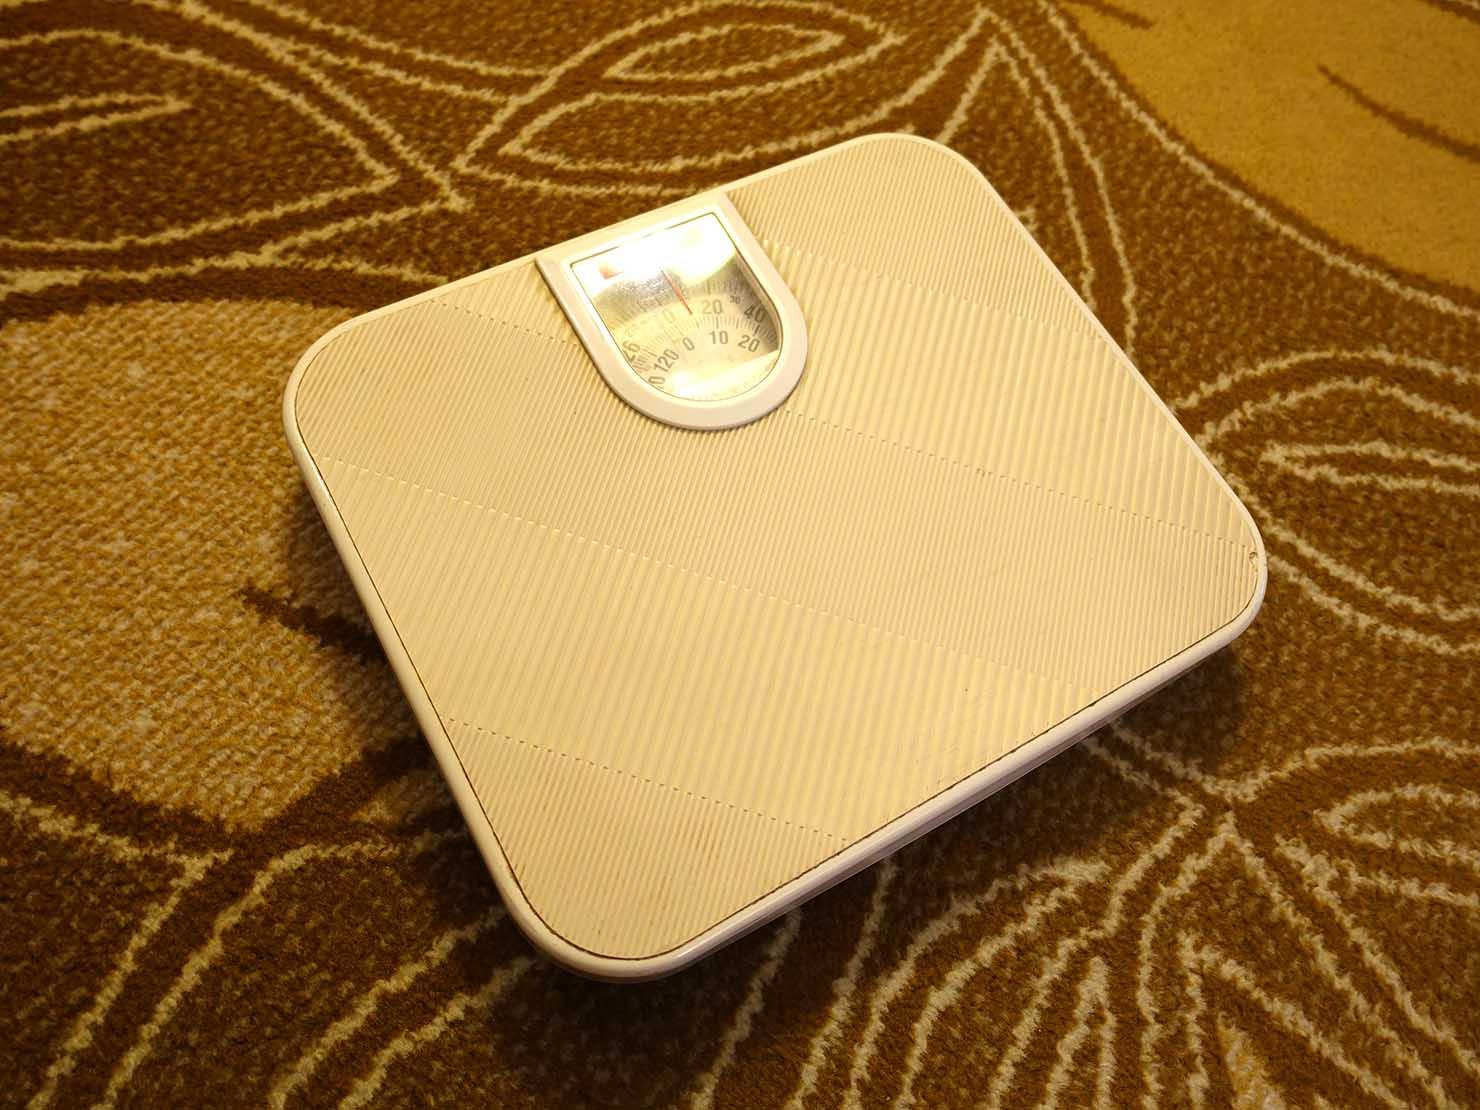 台北のおすすめ4つ星ホテル「歐華酒店(リビエラホテル)」エグゼクティブダブル備え付けの体重計